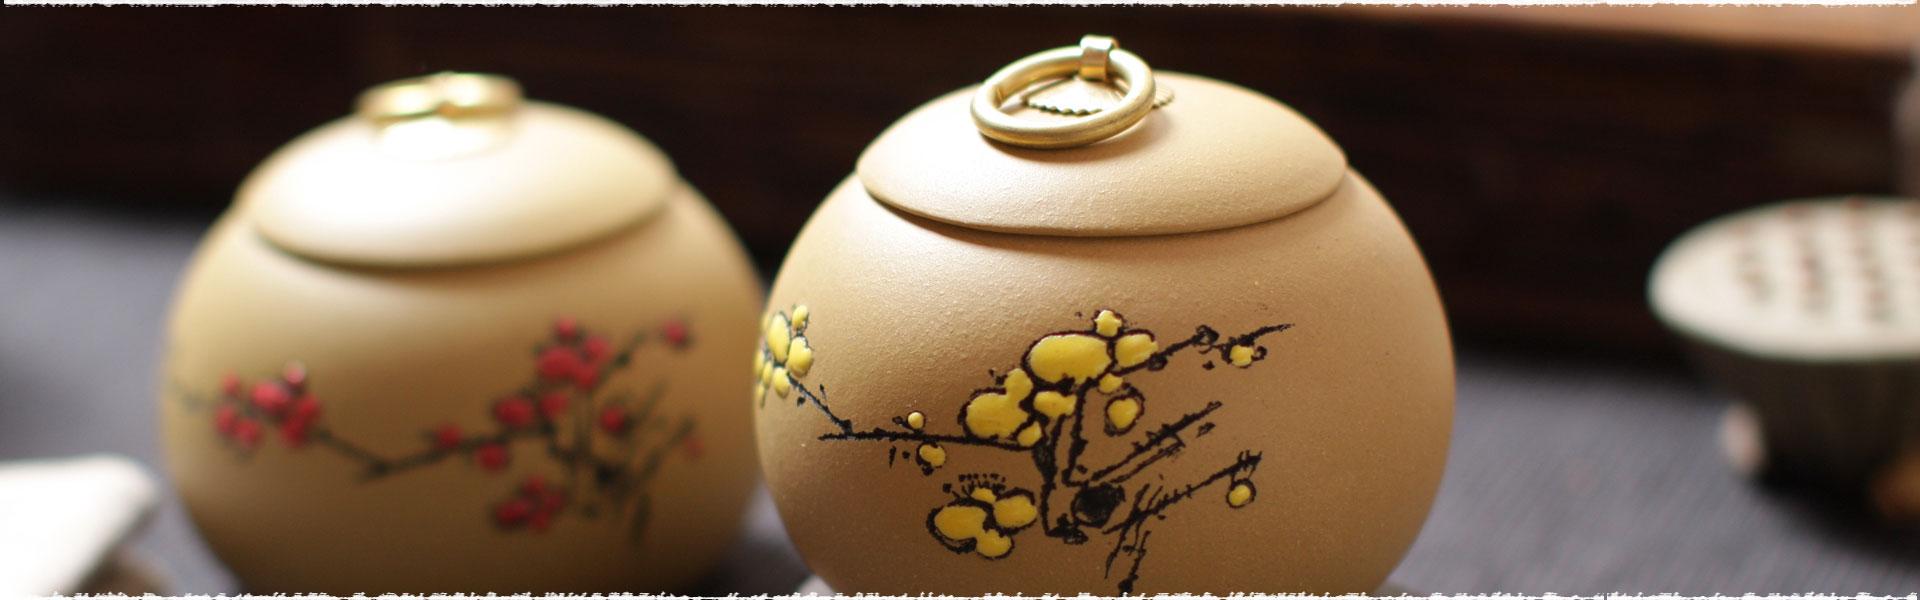 La durée et les conditions optimales de conservation du thé.